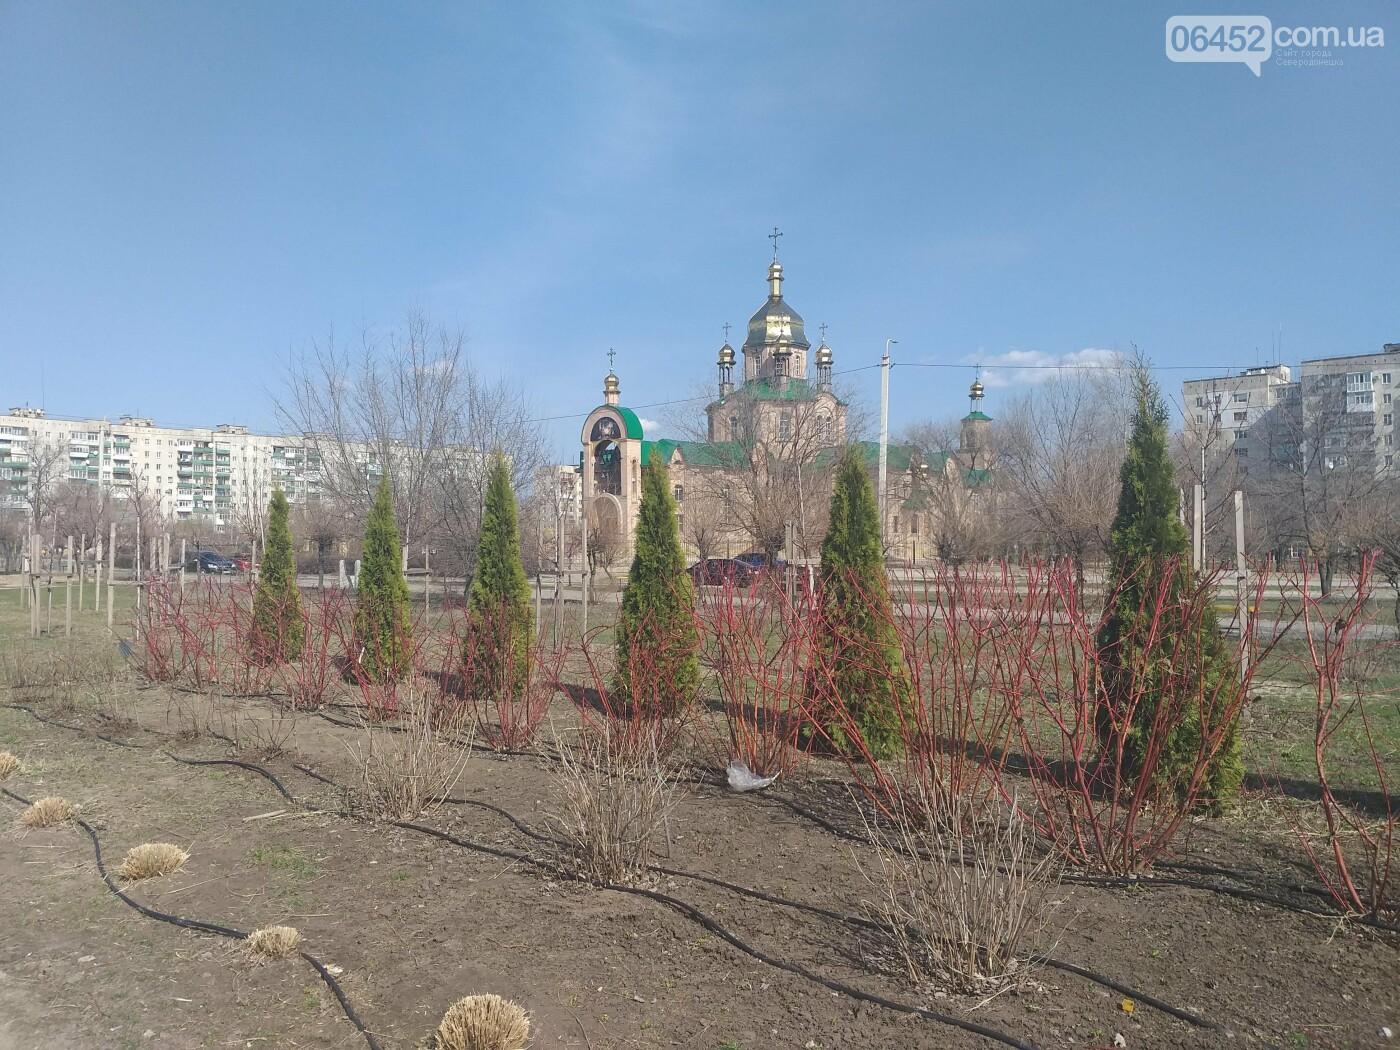 Фото дня: В Северодонецк пришла теплая весна, фото-17